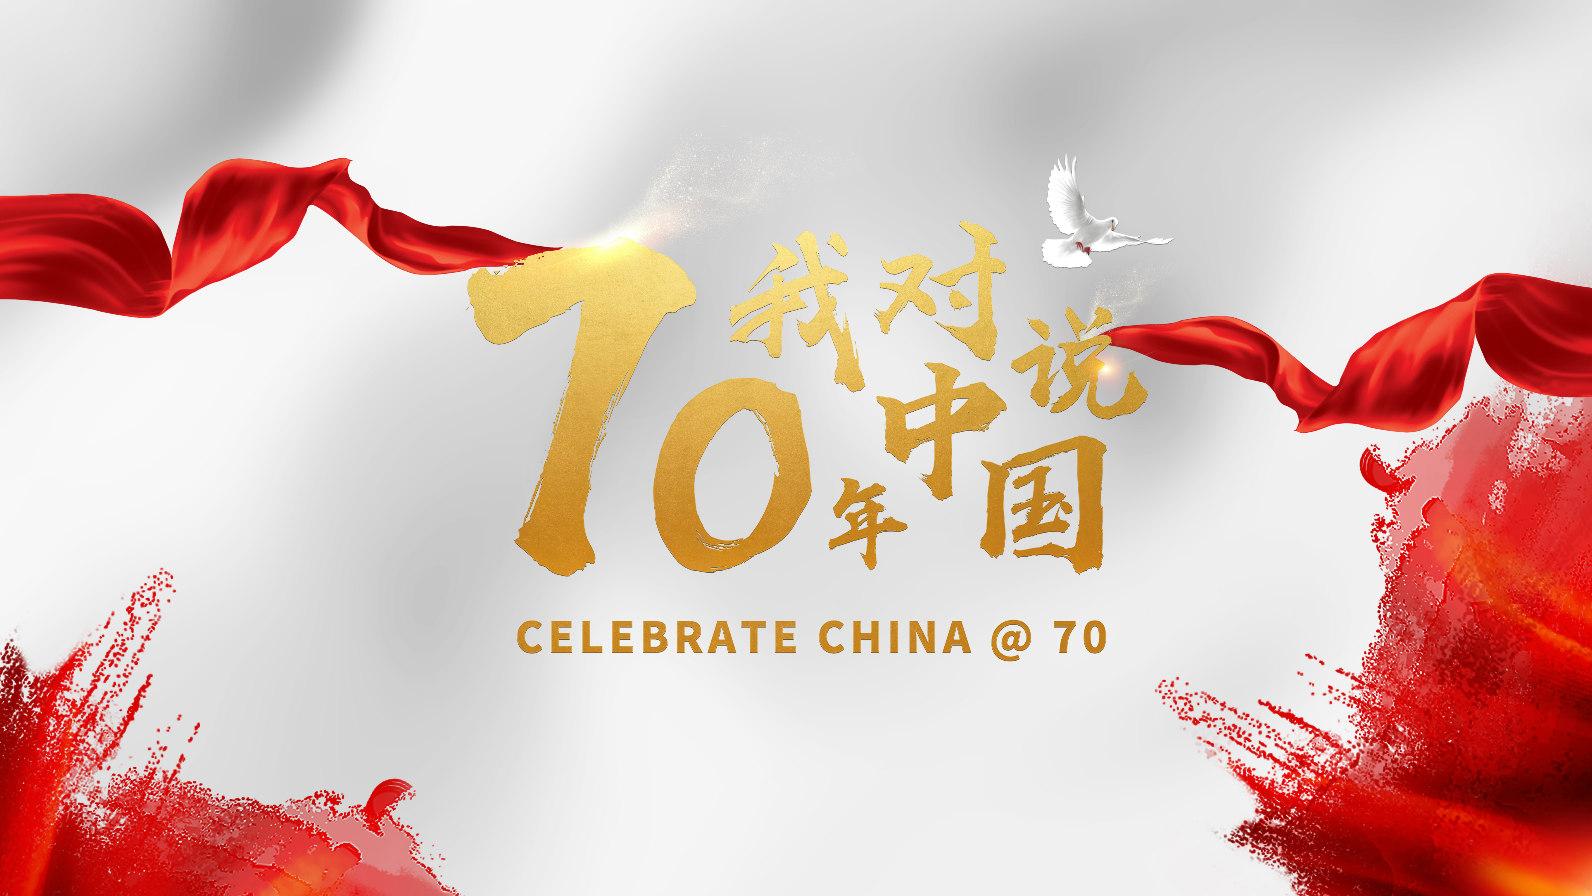 中國巨變70年